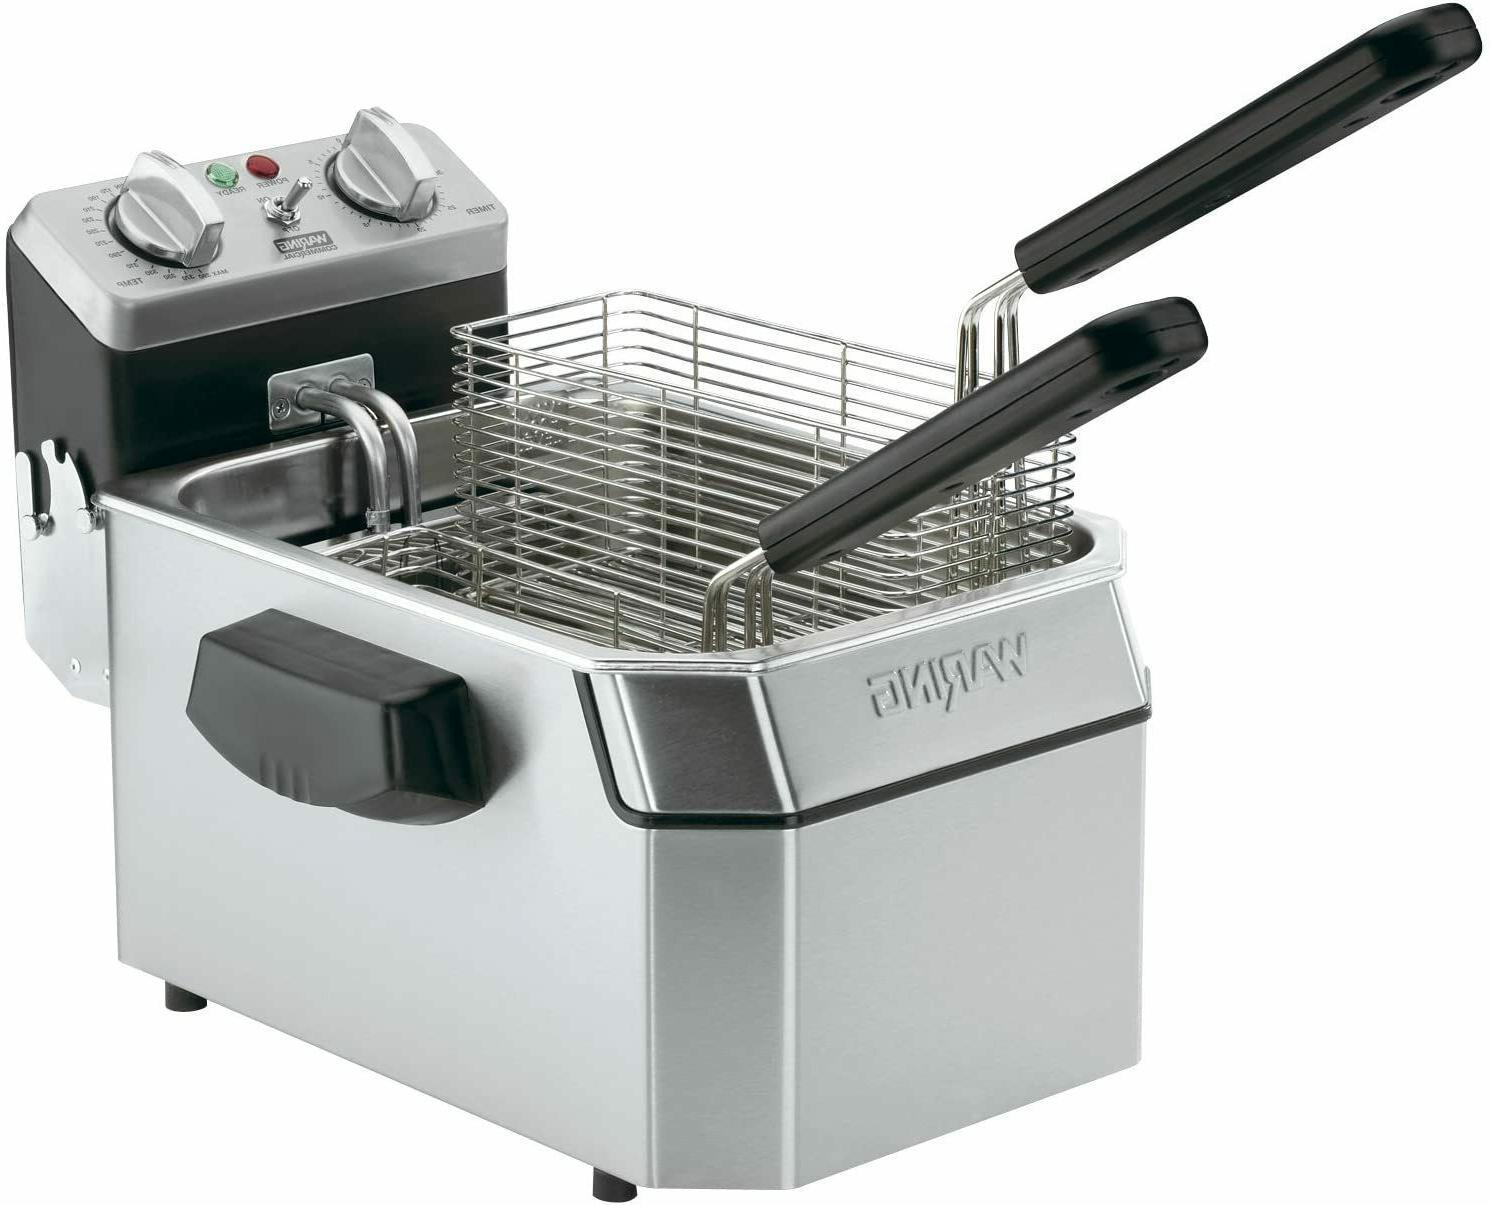 countertop electric commercial deep fryer